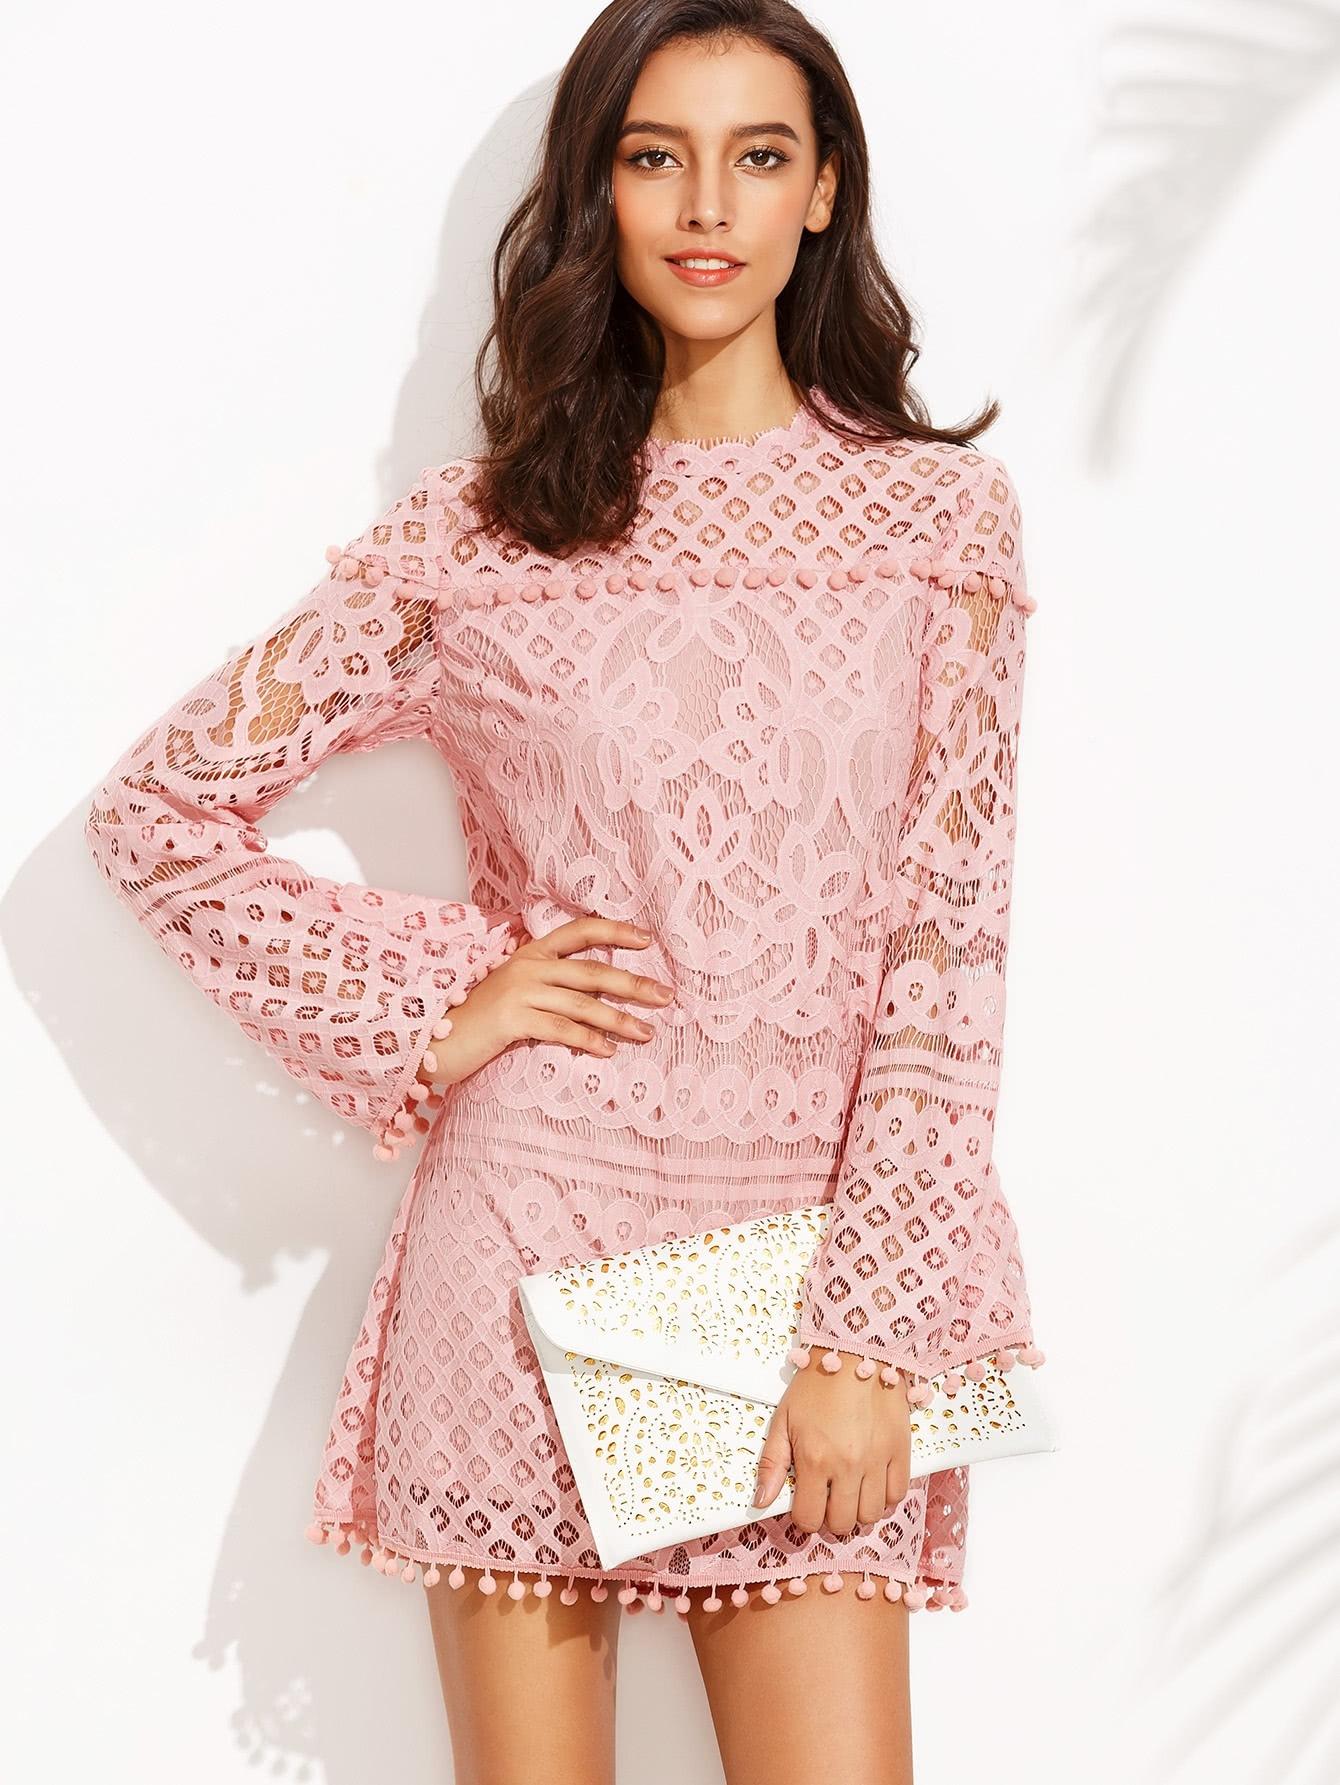 Formal Cool Kleid Rosa Langarm Design17 Luxurius Kleid Rosa Langarm Stylish